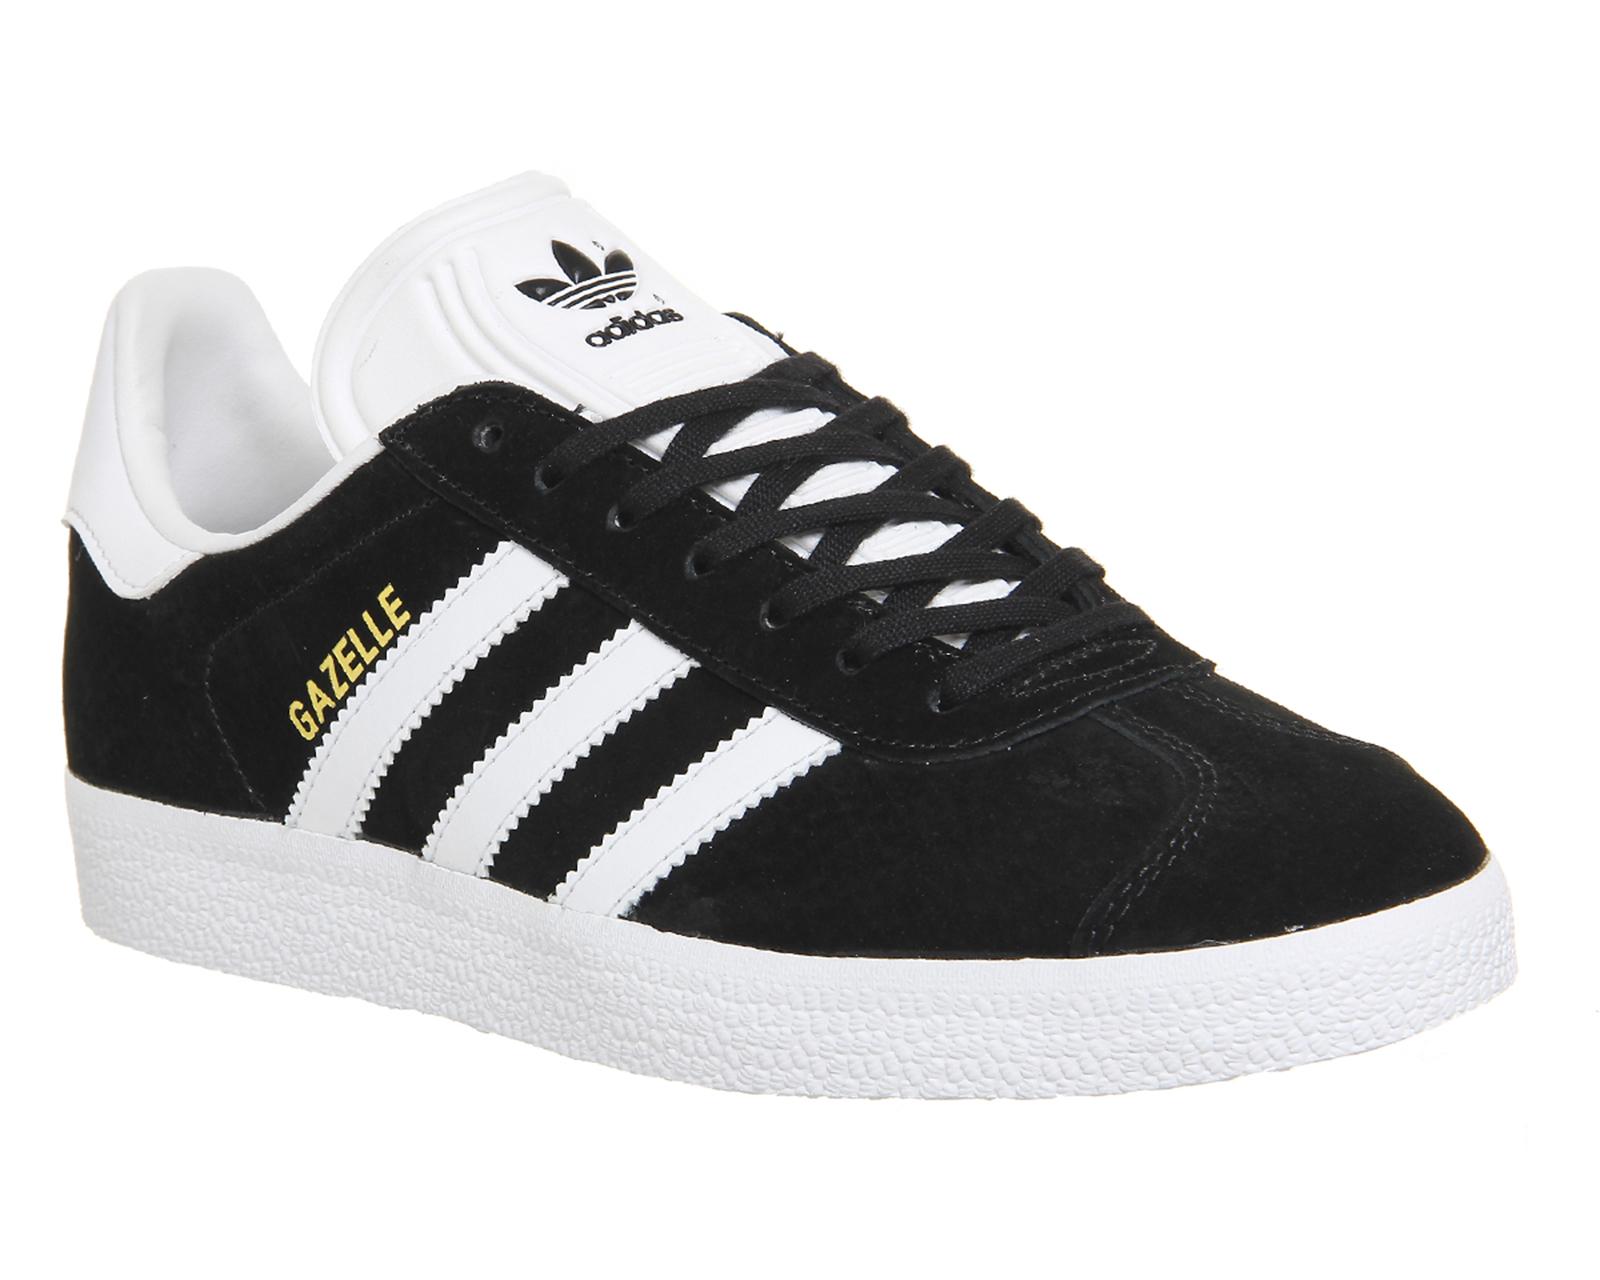 adidas gazelles buy core black white adidas gazelle from office.co.uk. BYSXPWH